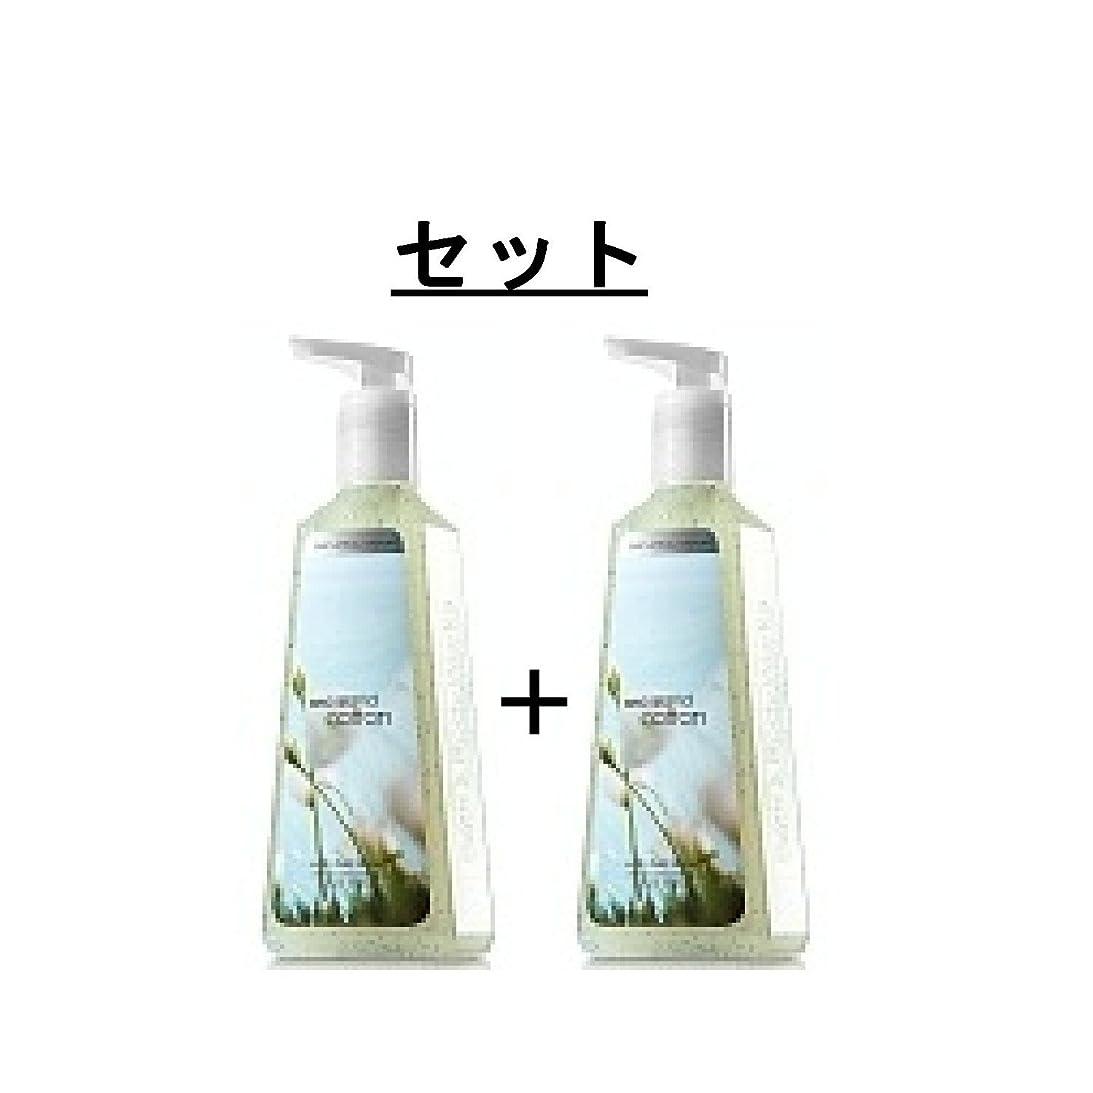 浅い地域のずっとBath & Body Works Sea Island Cotton Antibacterial Deep Cleansing Hand Soap Set of 2 シーアイランドコットン【並行輸入品】